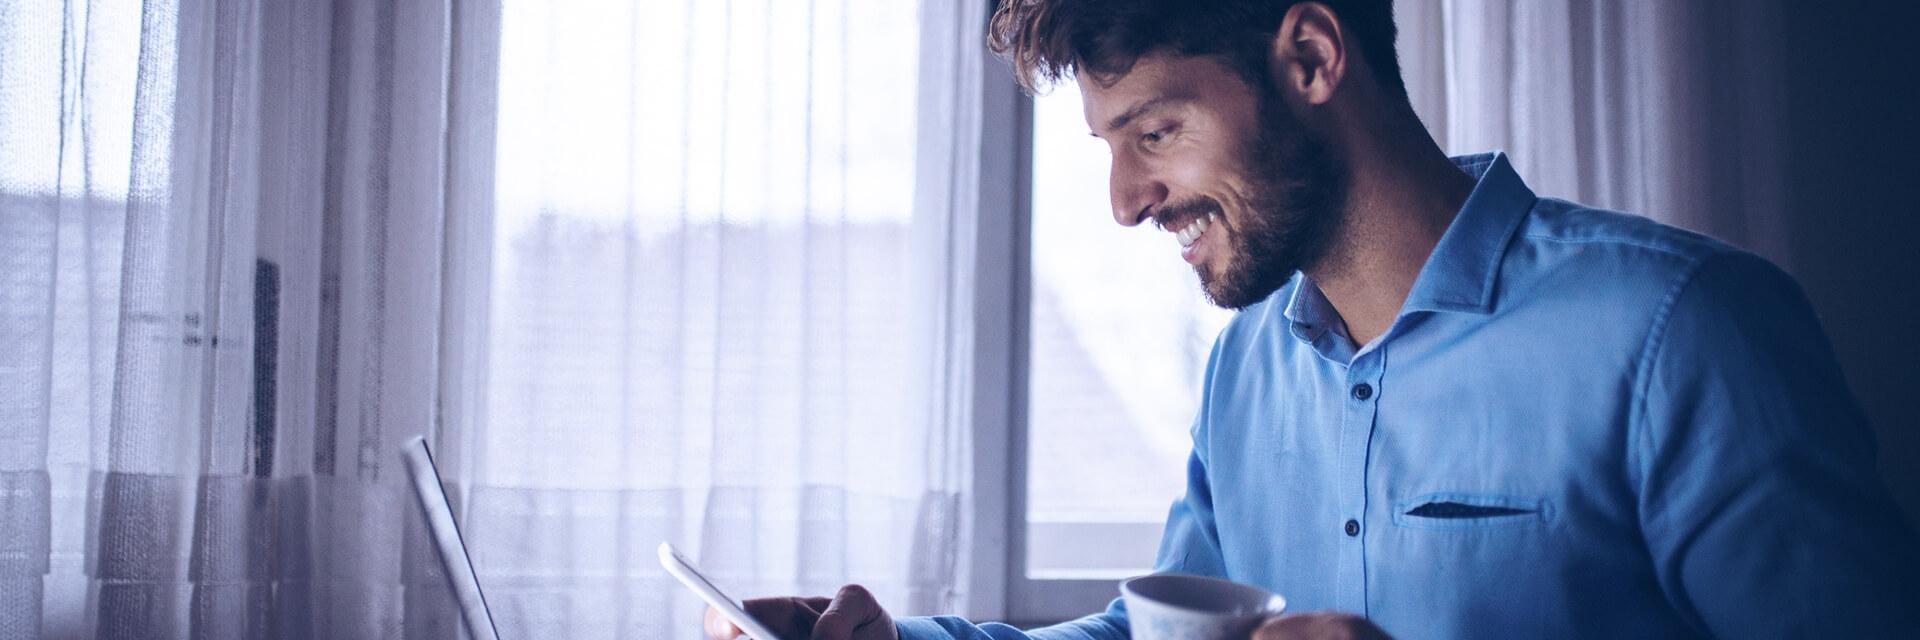 Homem usando computador e celular enquanto se serve de uma caneca